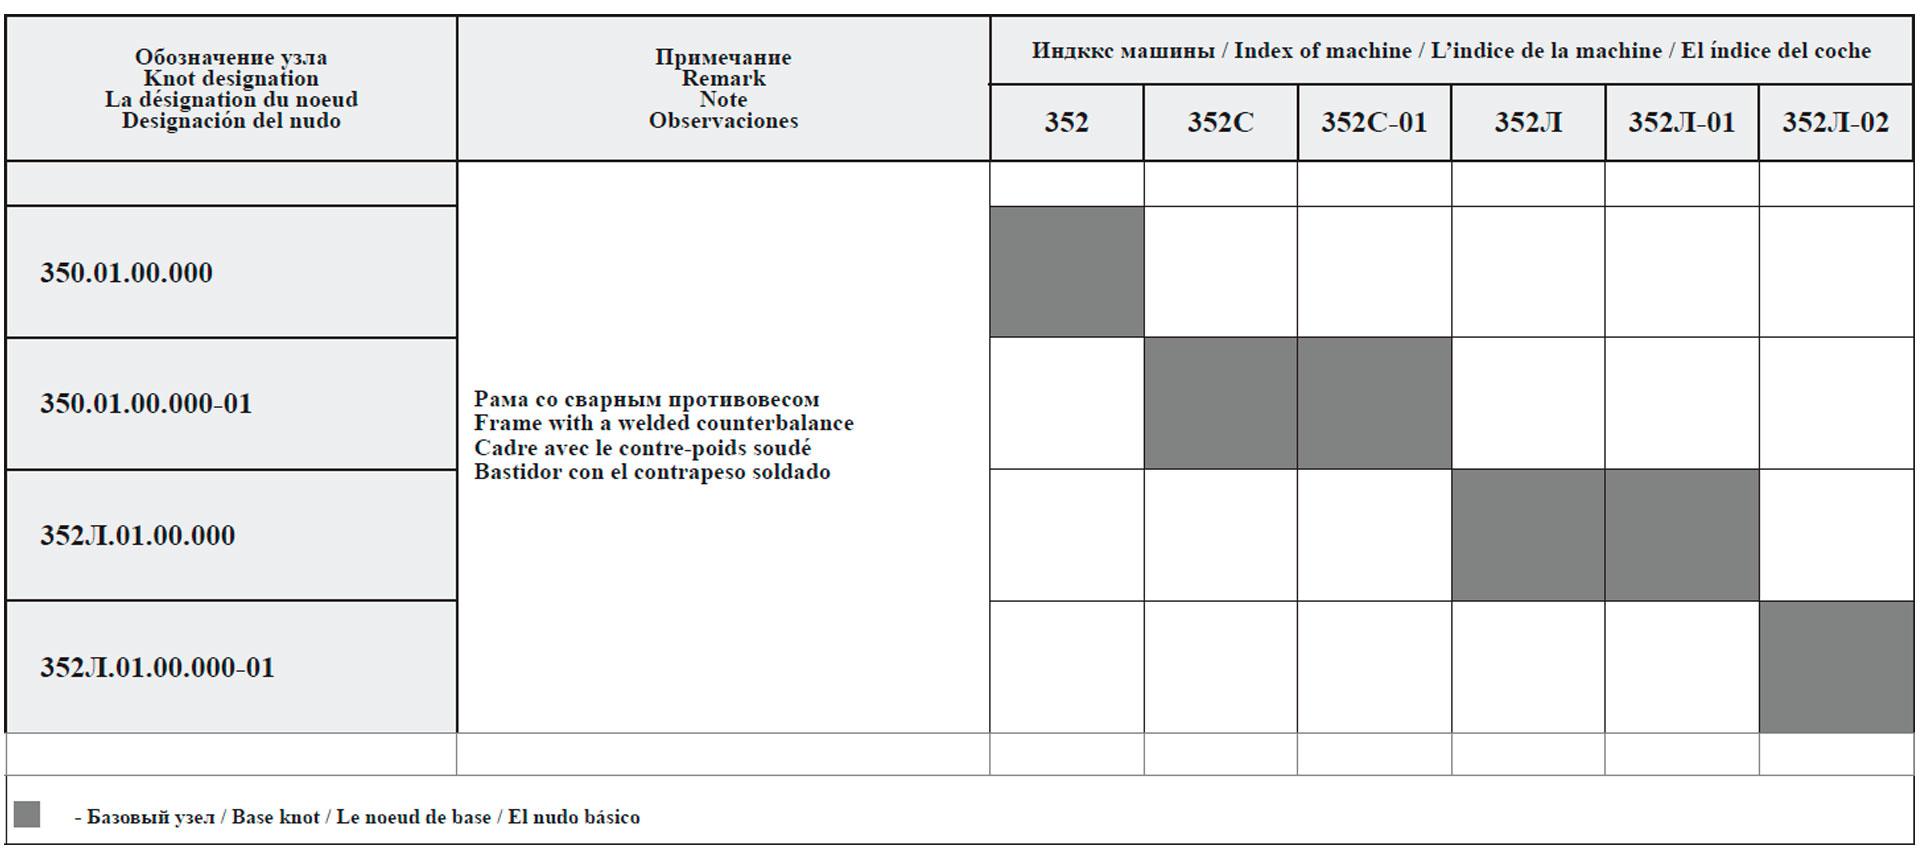 Сводная таблица исполнений рам для машин грузоподъемностью 5 т